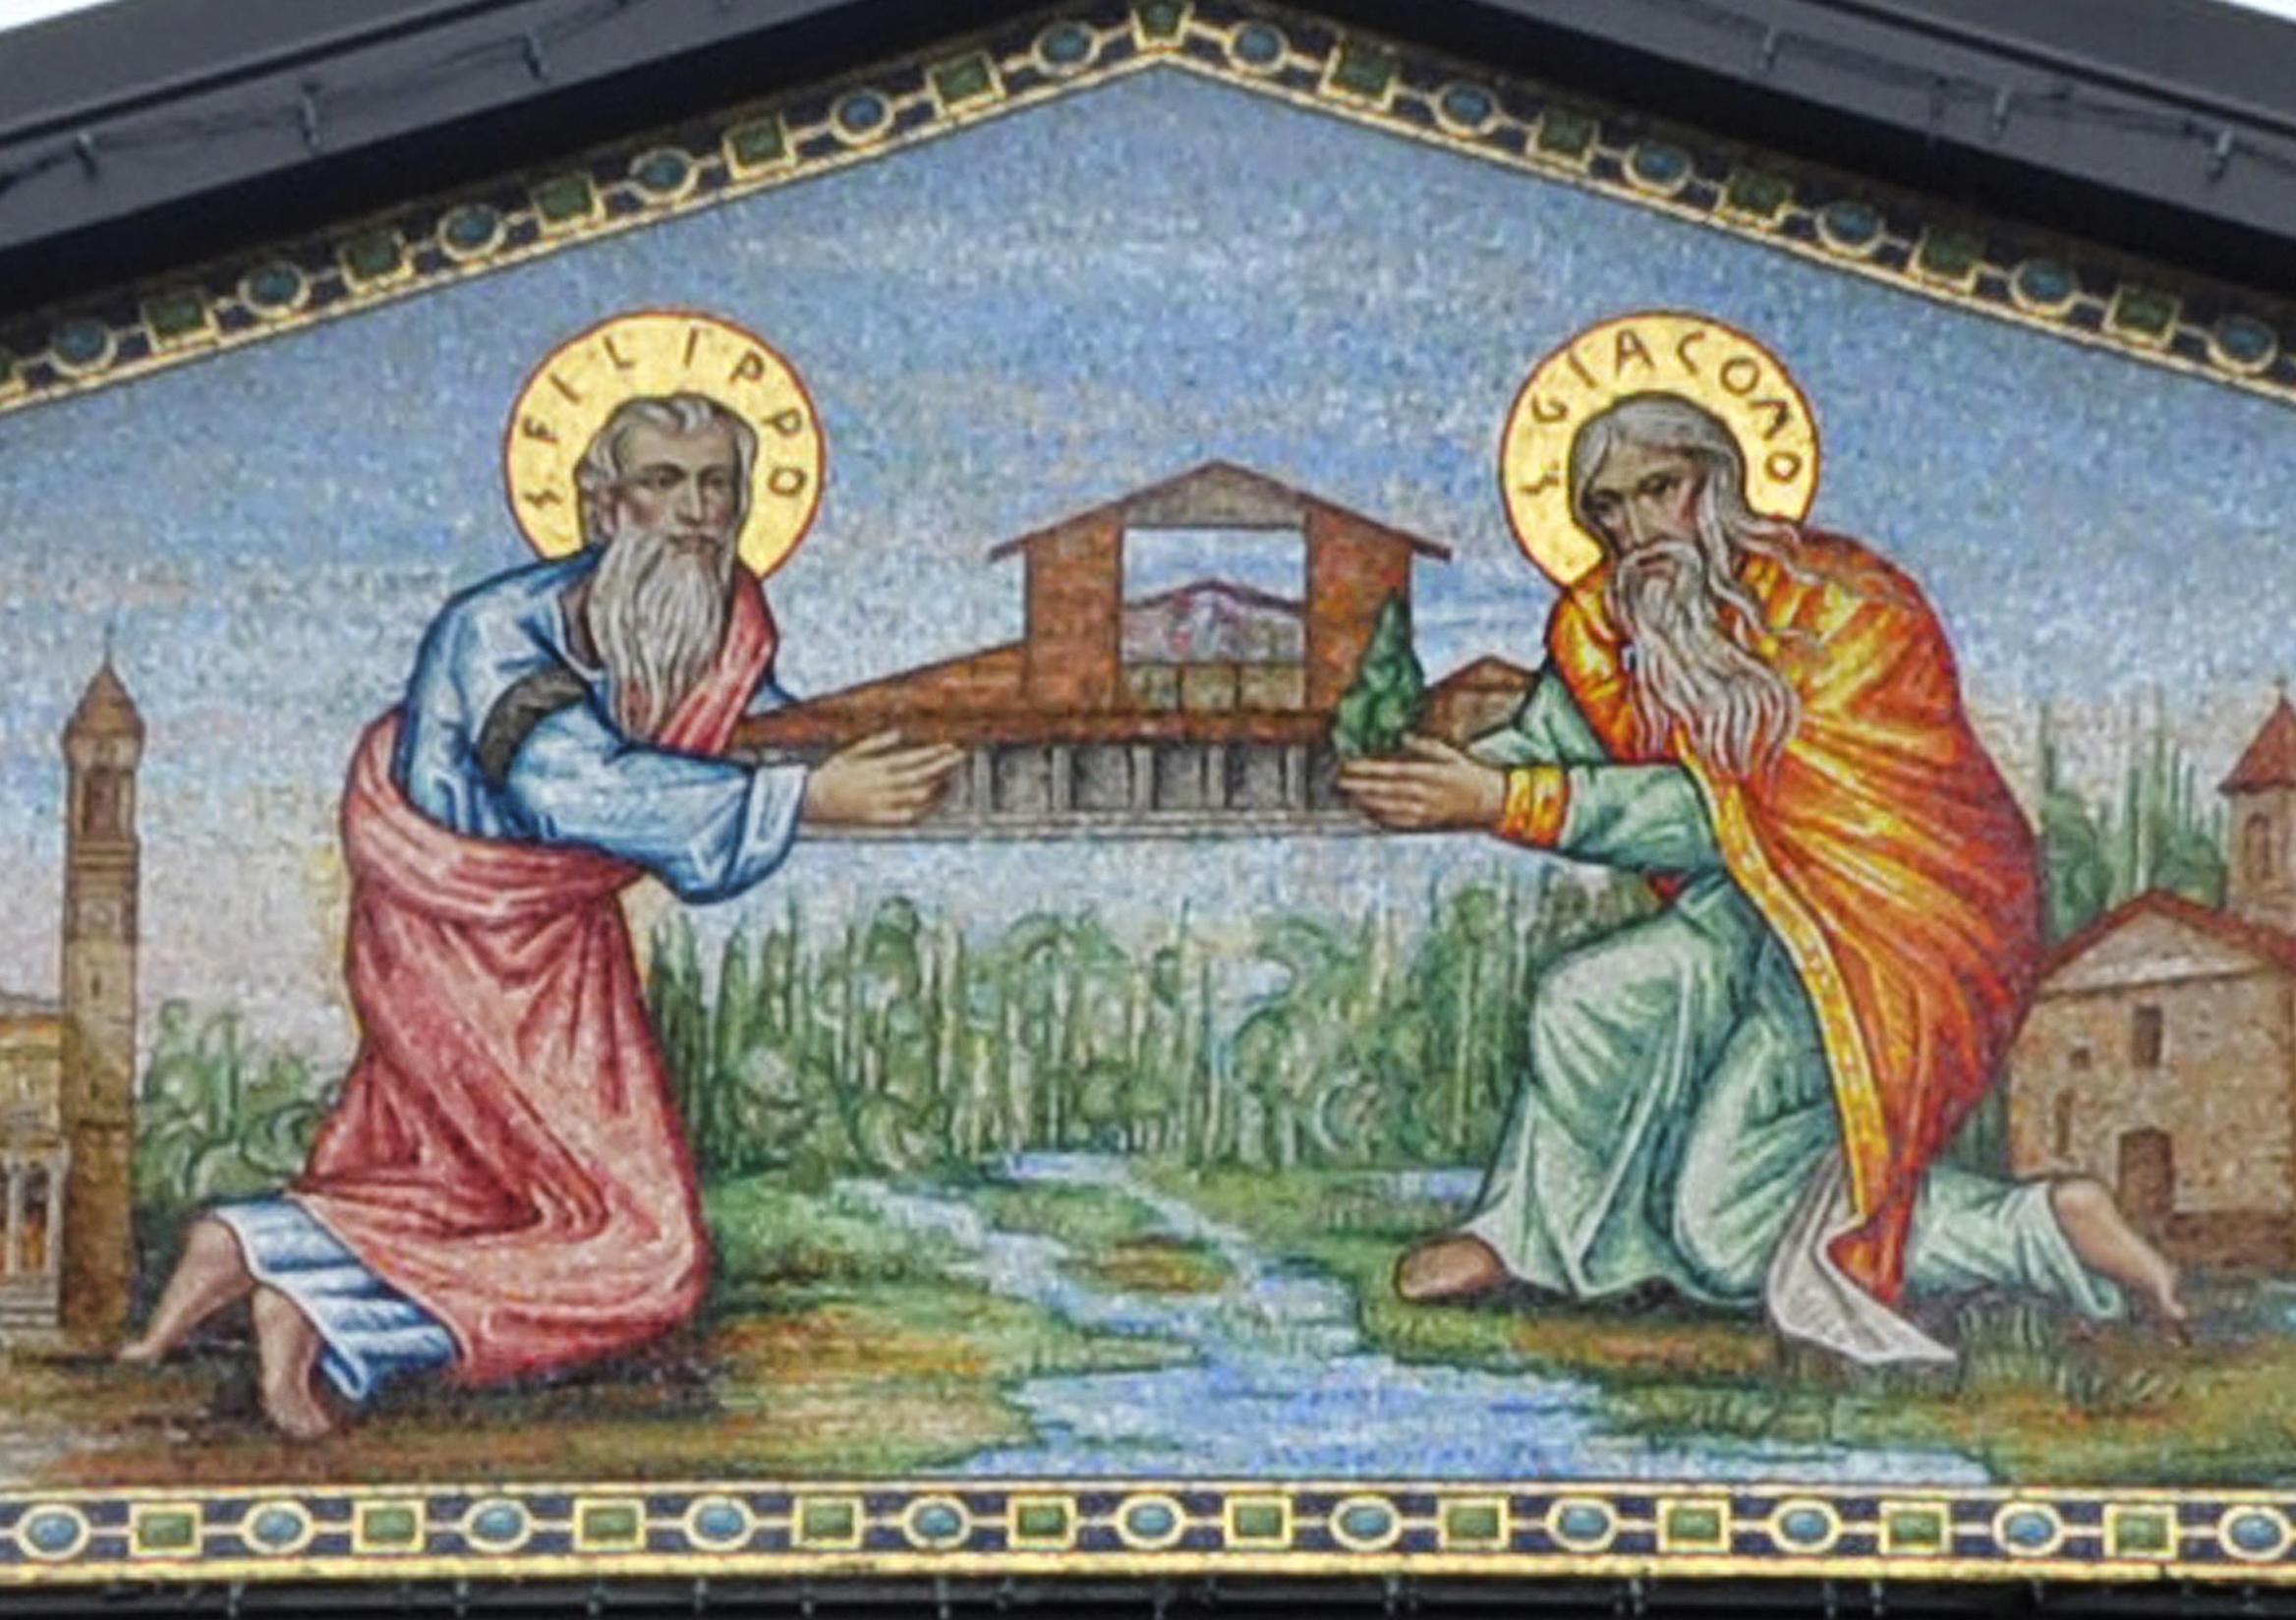 OMELIA PER LA FESTA DEI SANTI APOSTOLI FILIPPO E GIACOMO